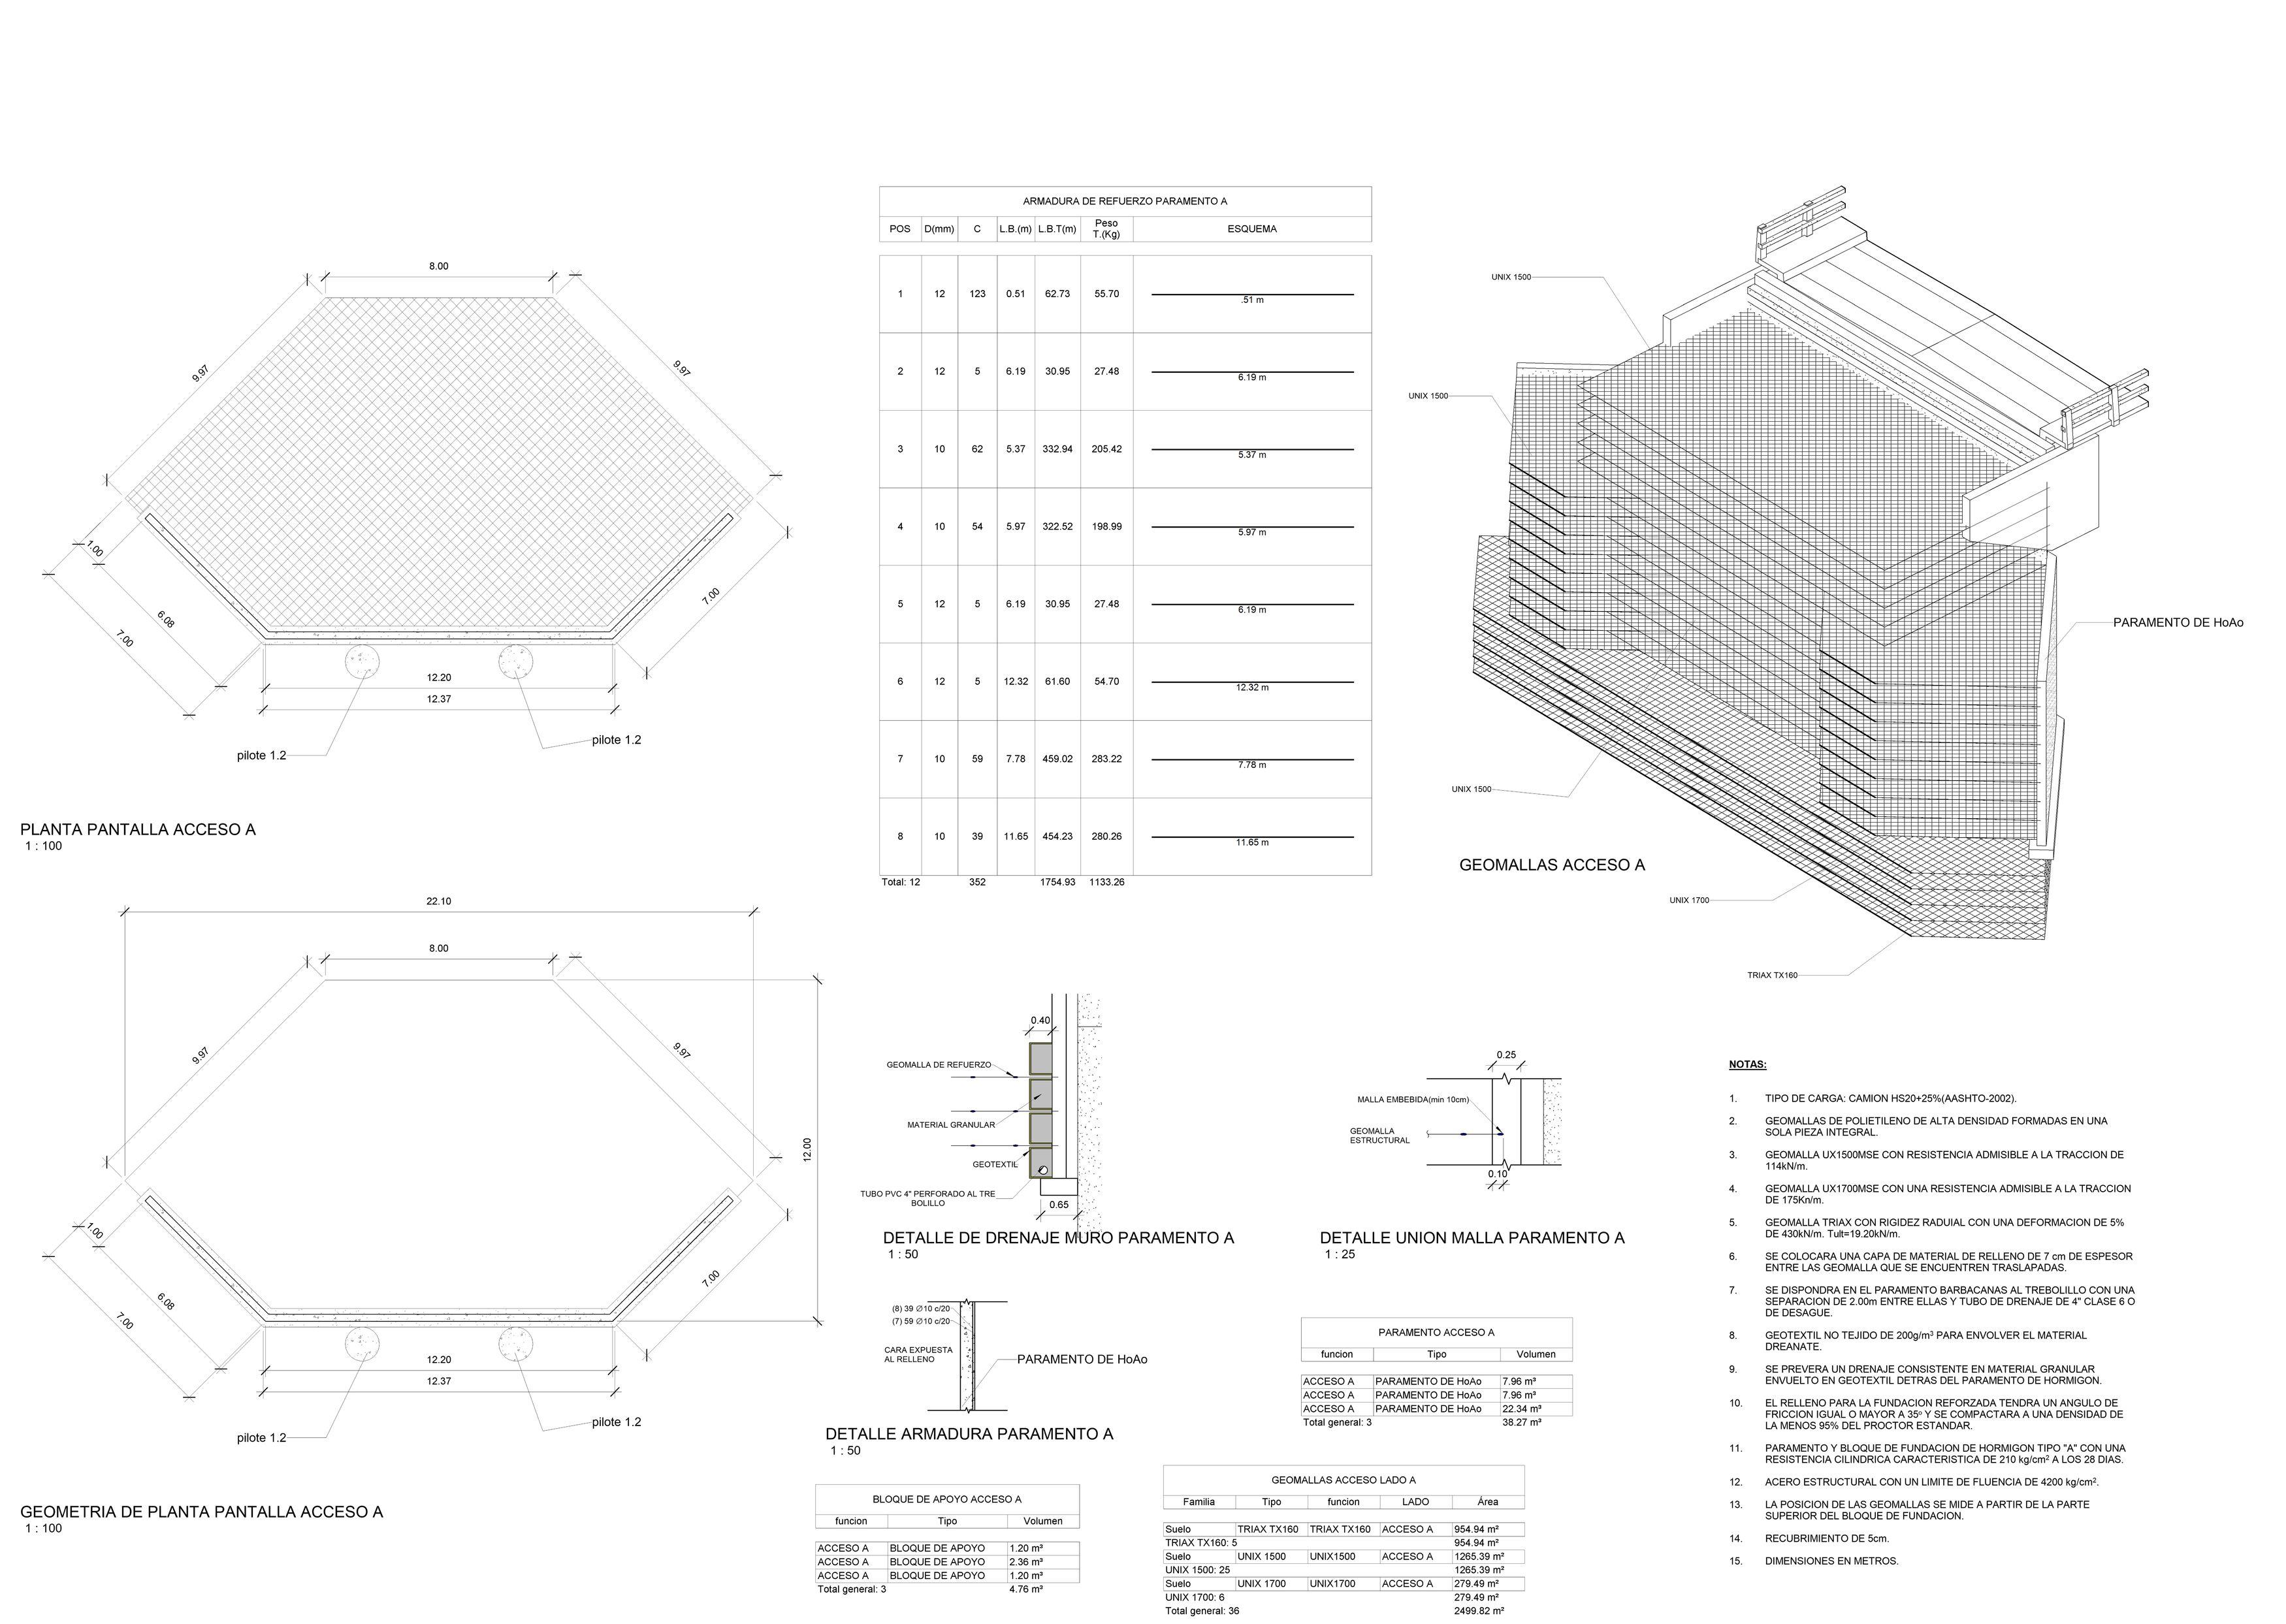 133---modelo-puente-rev30---plano---15---plano-de-acceso-inicio-2-2-3500-3500